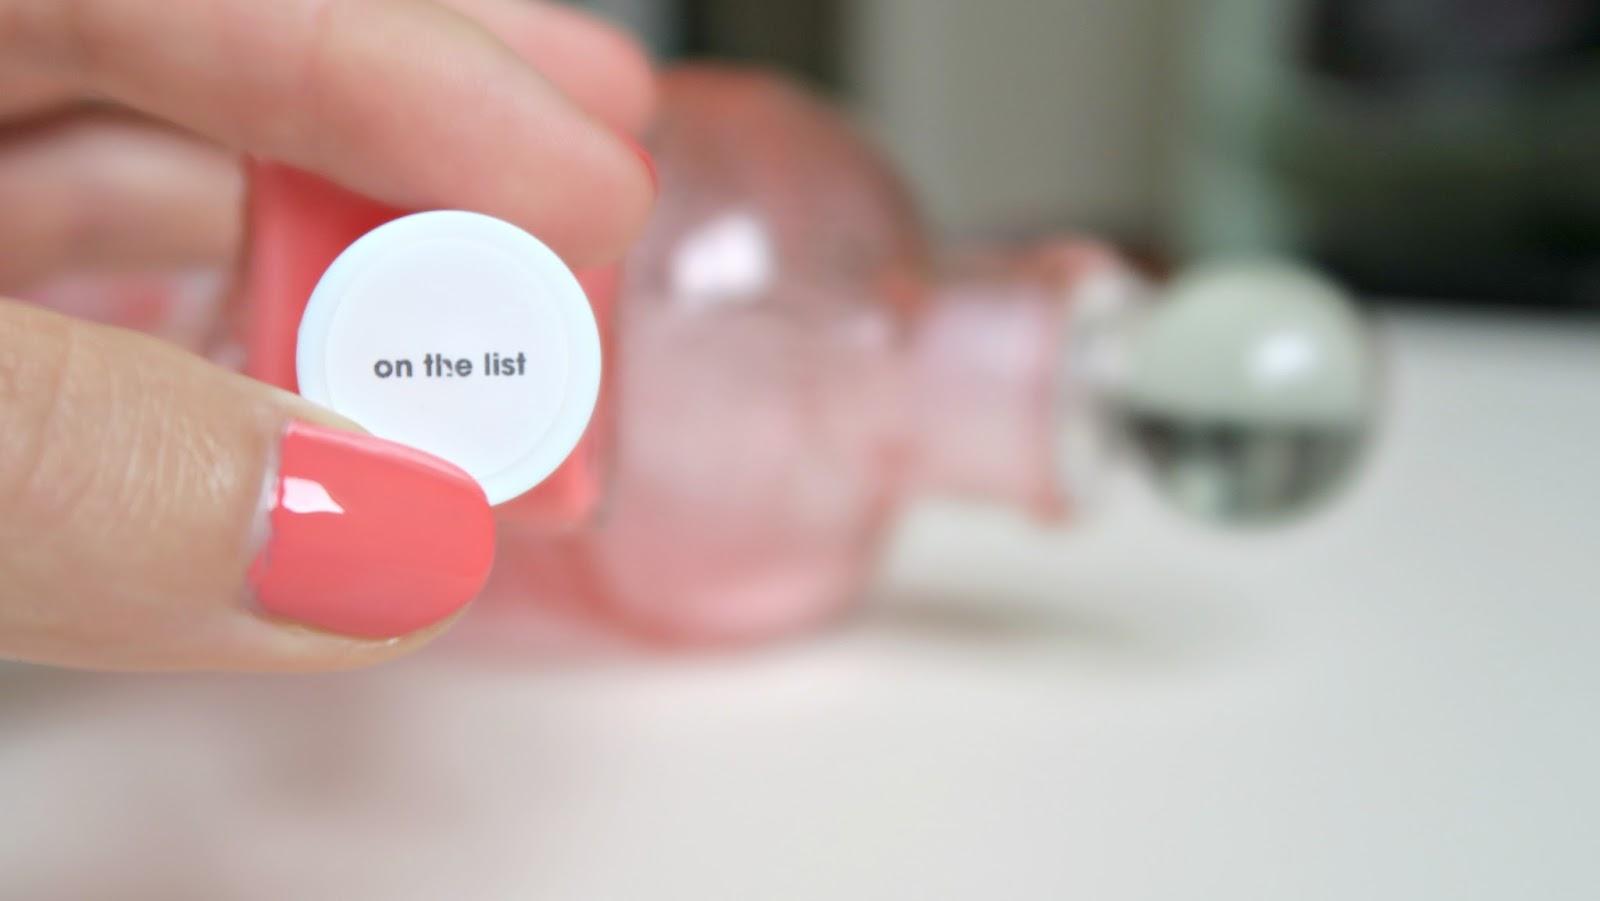 essie gel couture on the liste teinte corail et effet gel sur les ongles